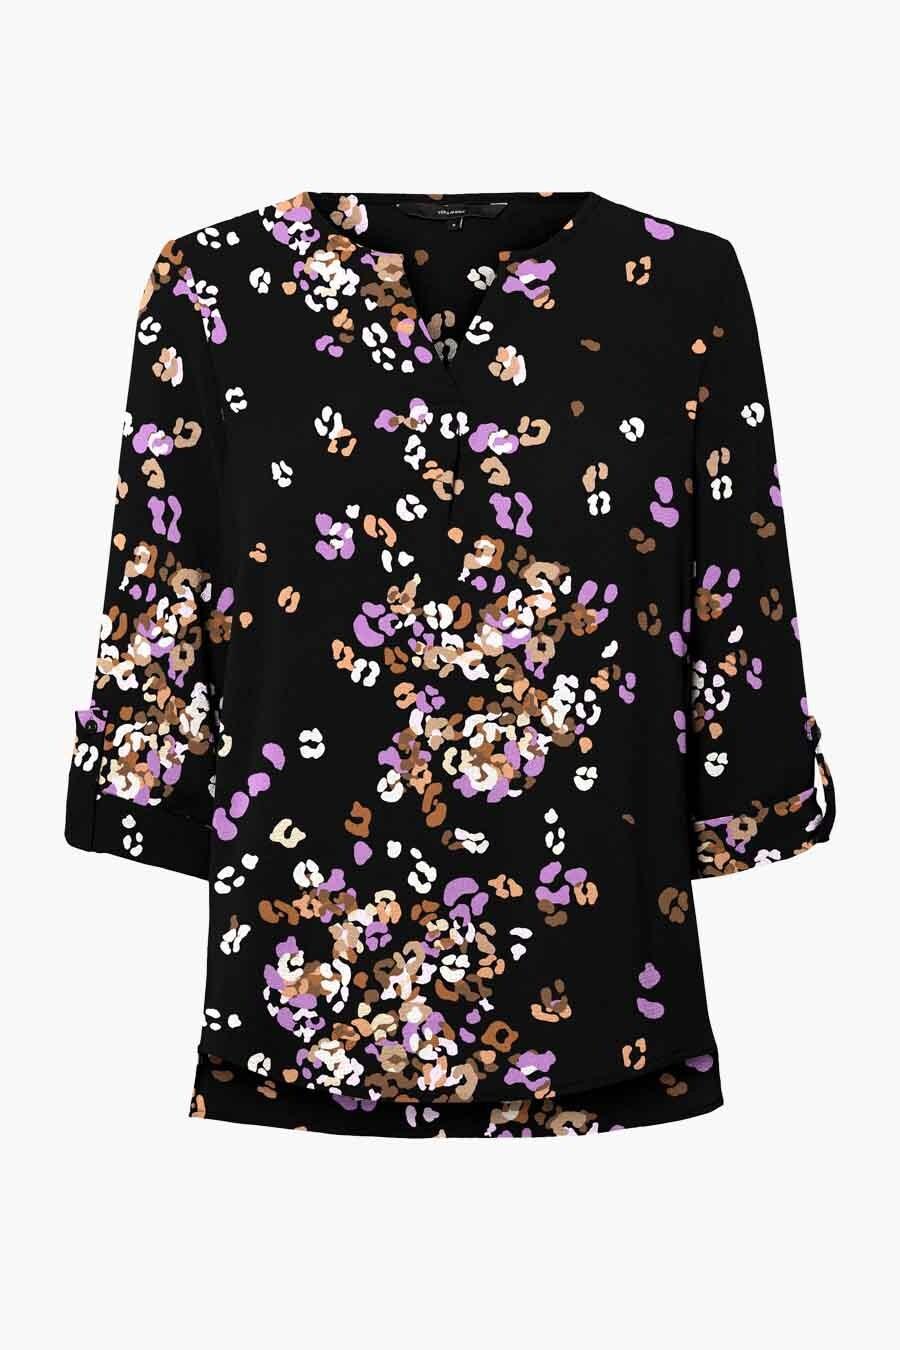 Vero Moda® Blouse met 3/4 mouwen, Multicolor, Dames, Maat: M